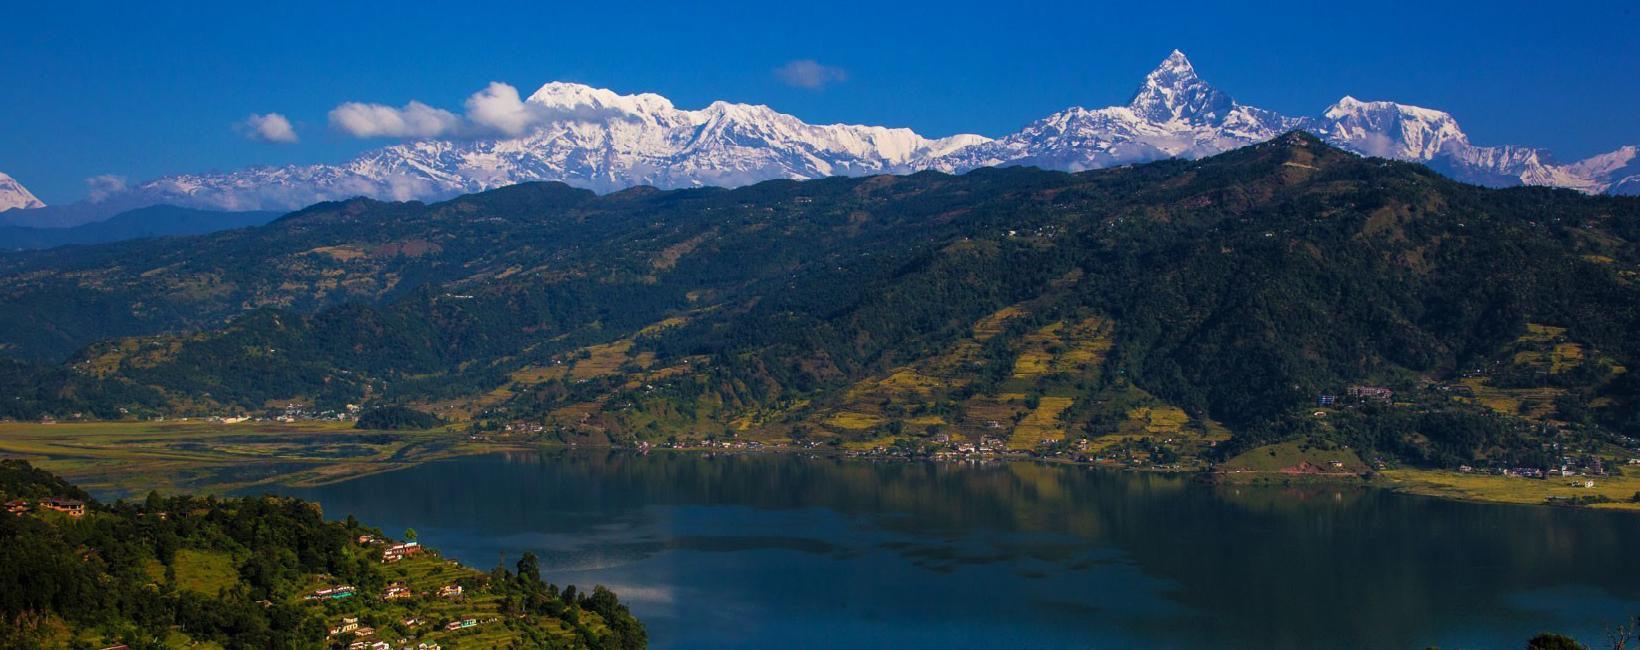 Luxury Nepal Tour(9Night 10Days)